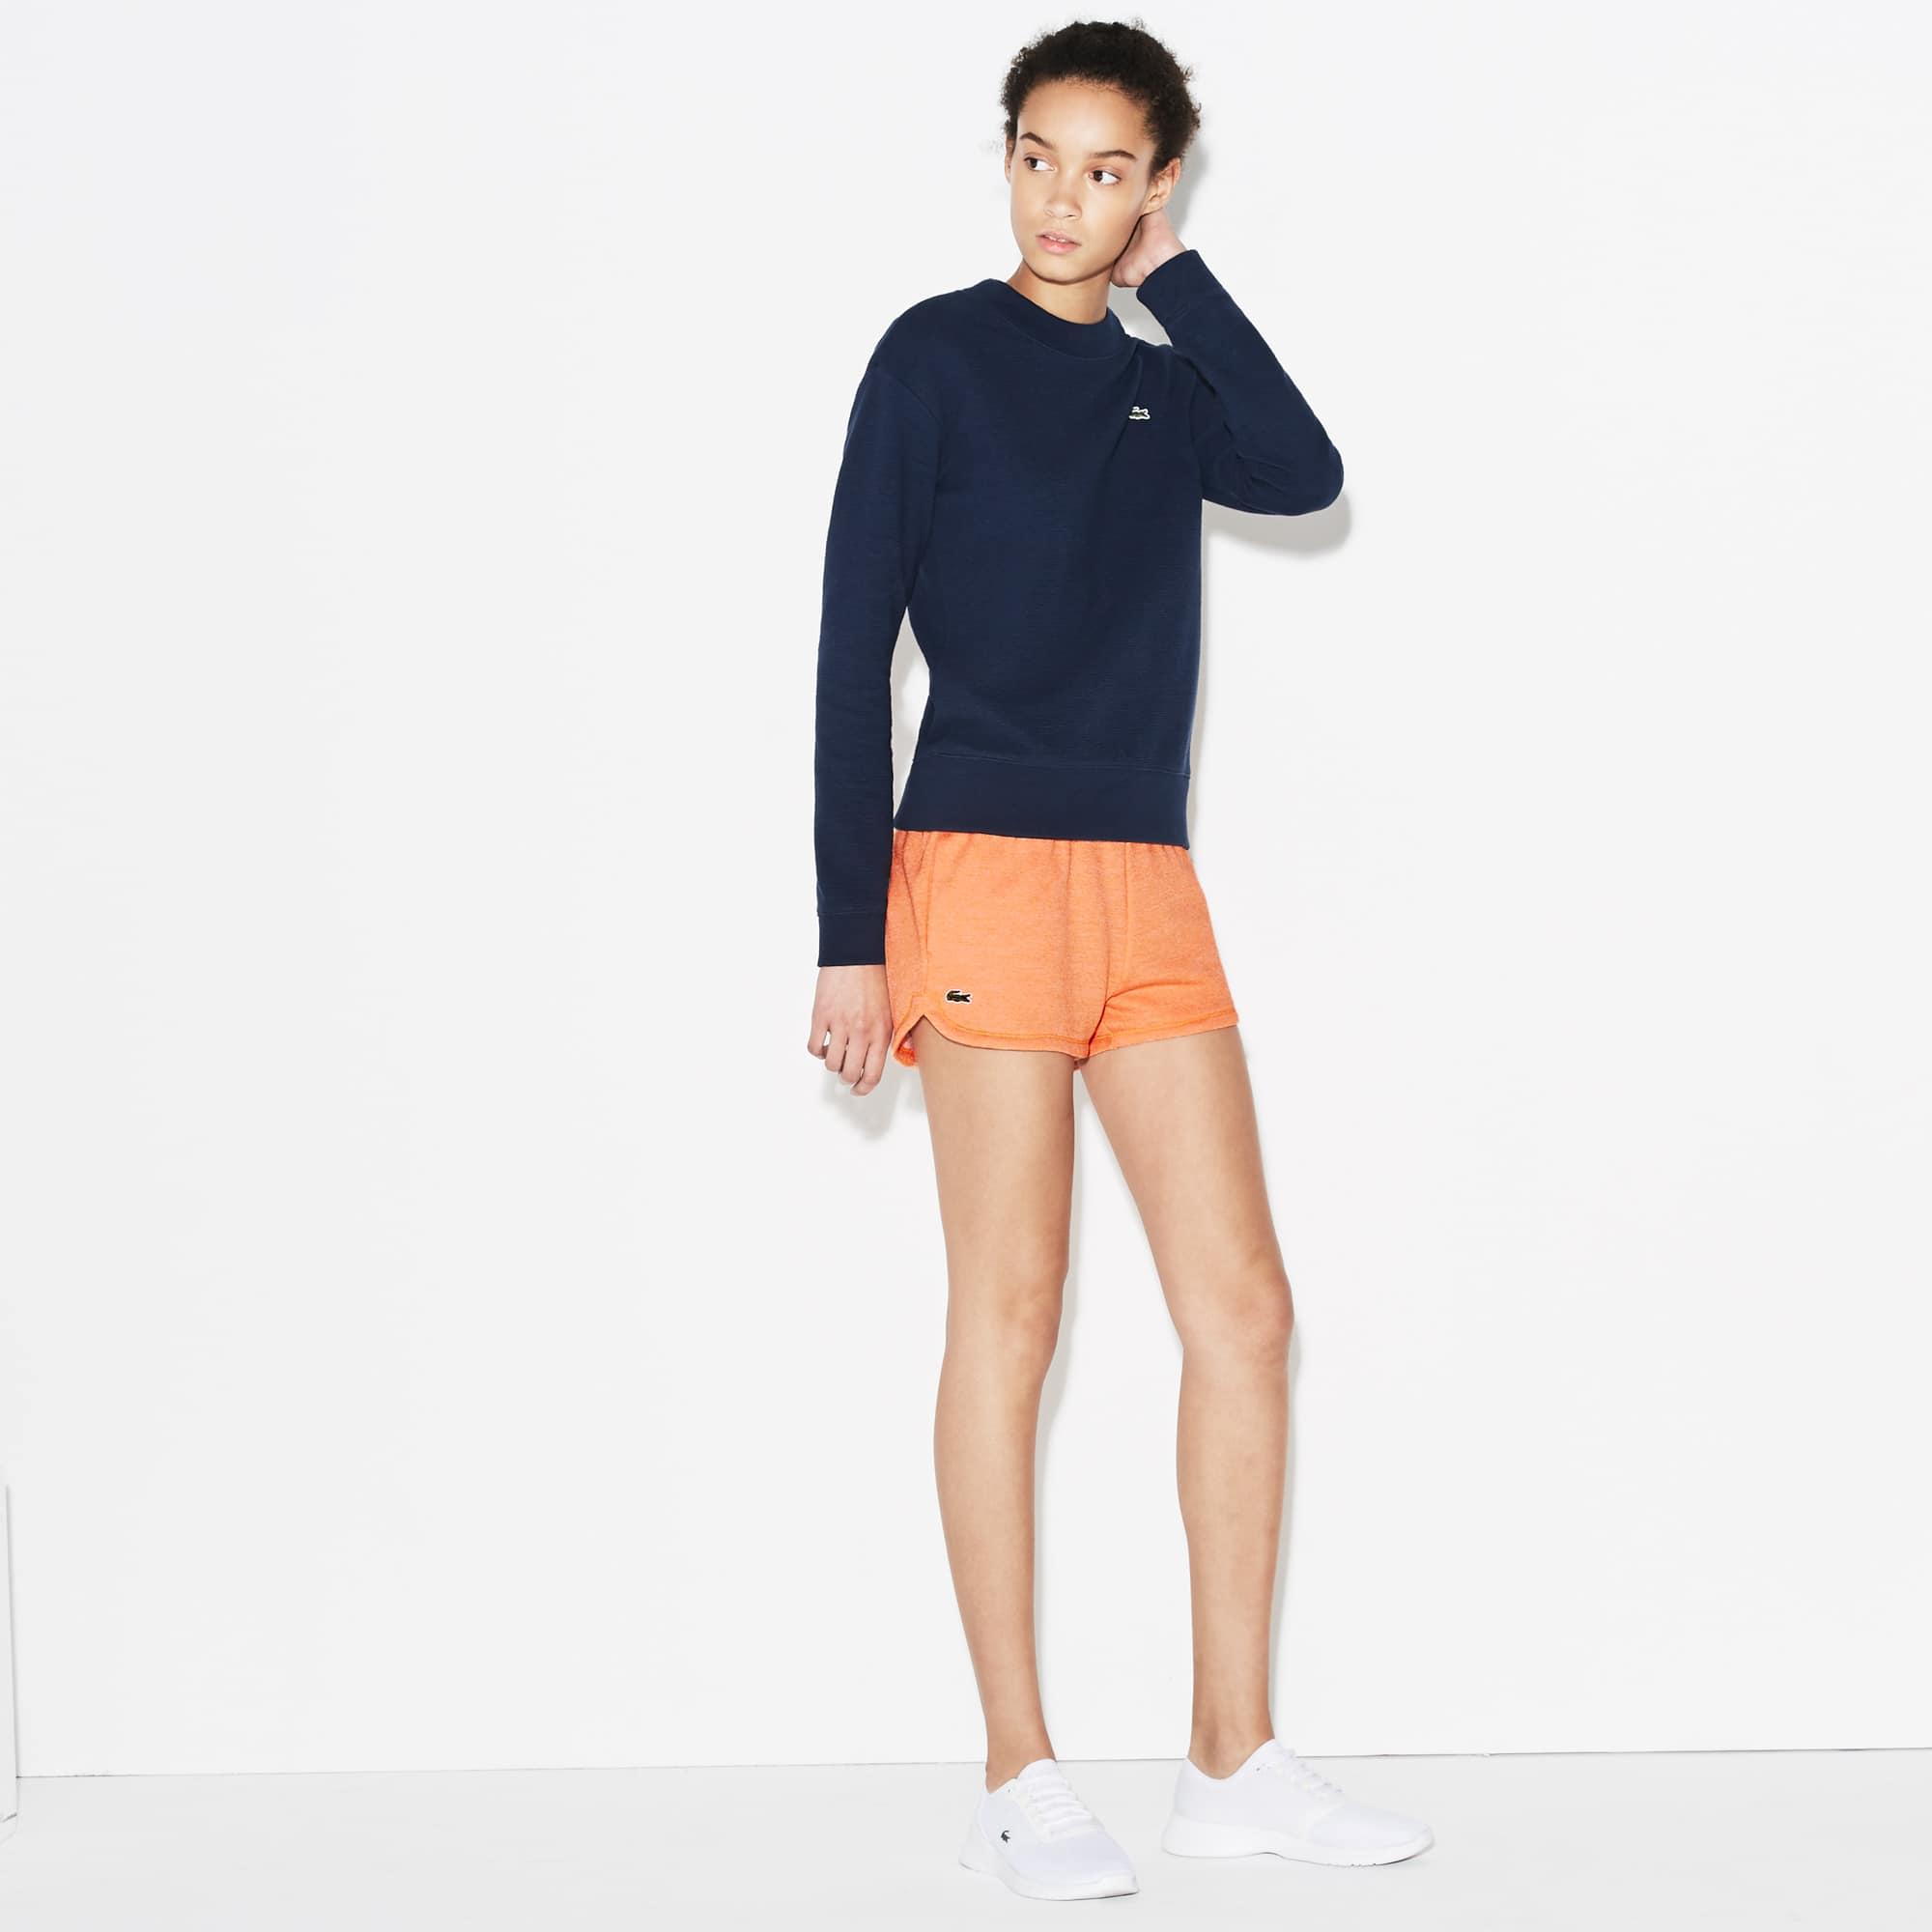 Pantaloncini Tennis Lacoste SPORT in mollettone tinta unita